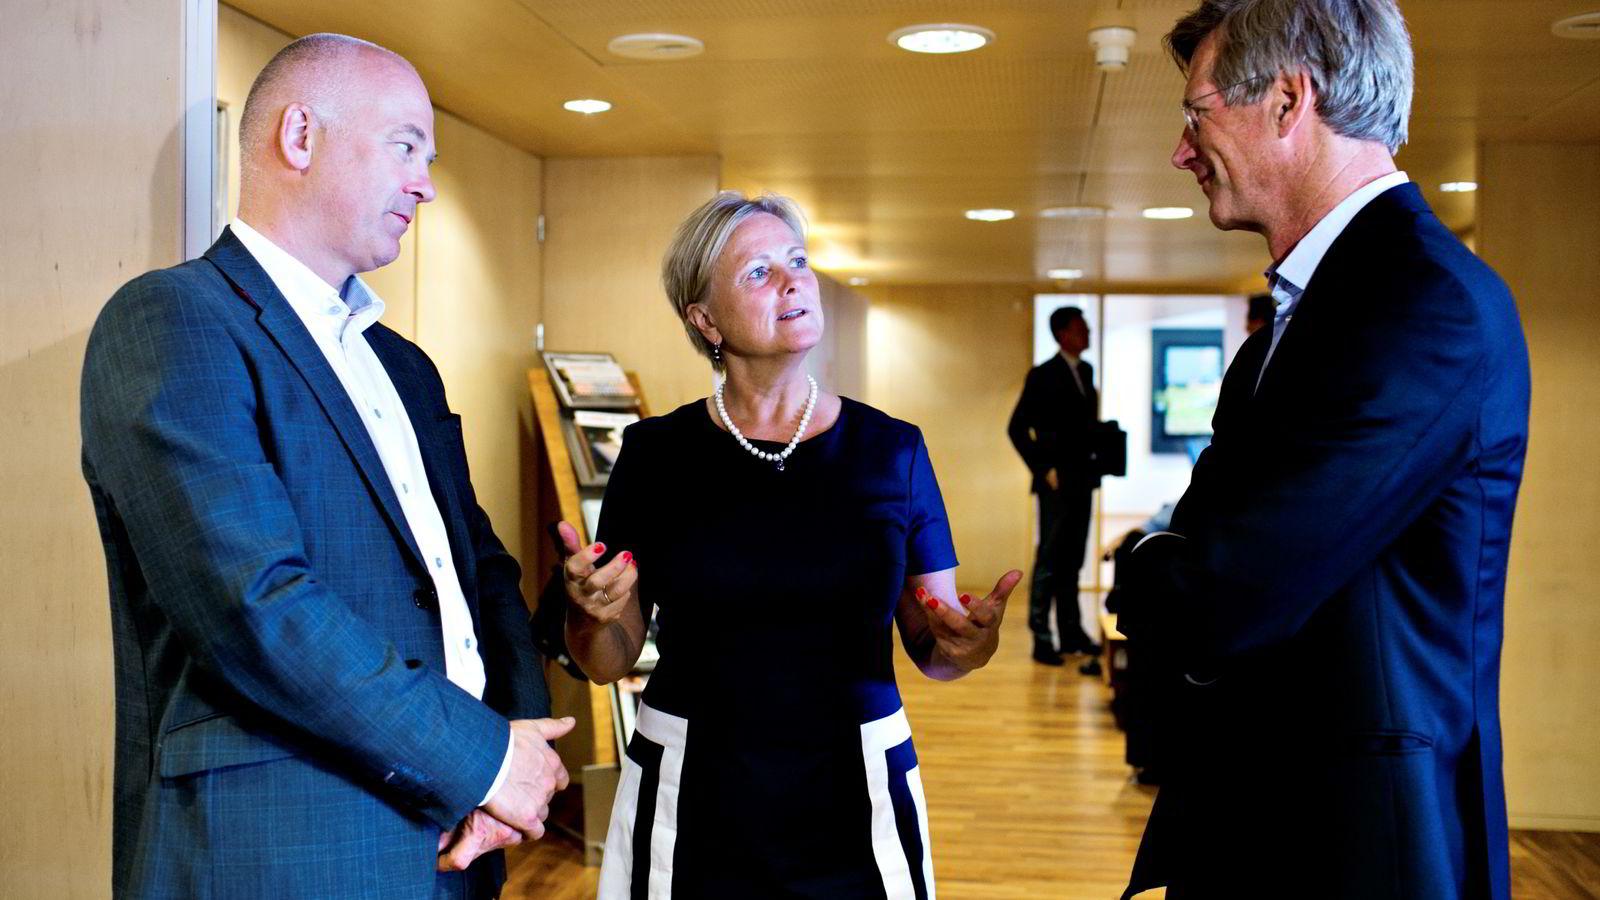 Kulturminister Thorhild Widvey sammen med kringkastingssjef Thor Gjermund Eriksen og NRKs styreleder Birger Magnus. Foto: Anette Karlsen /